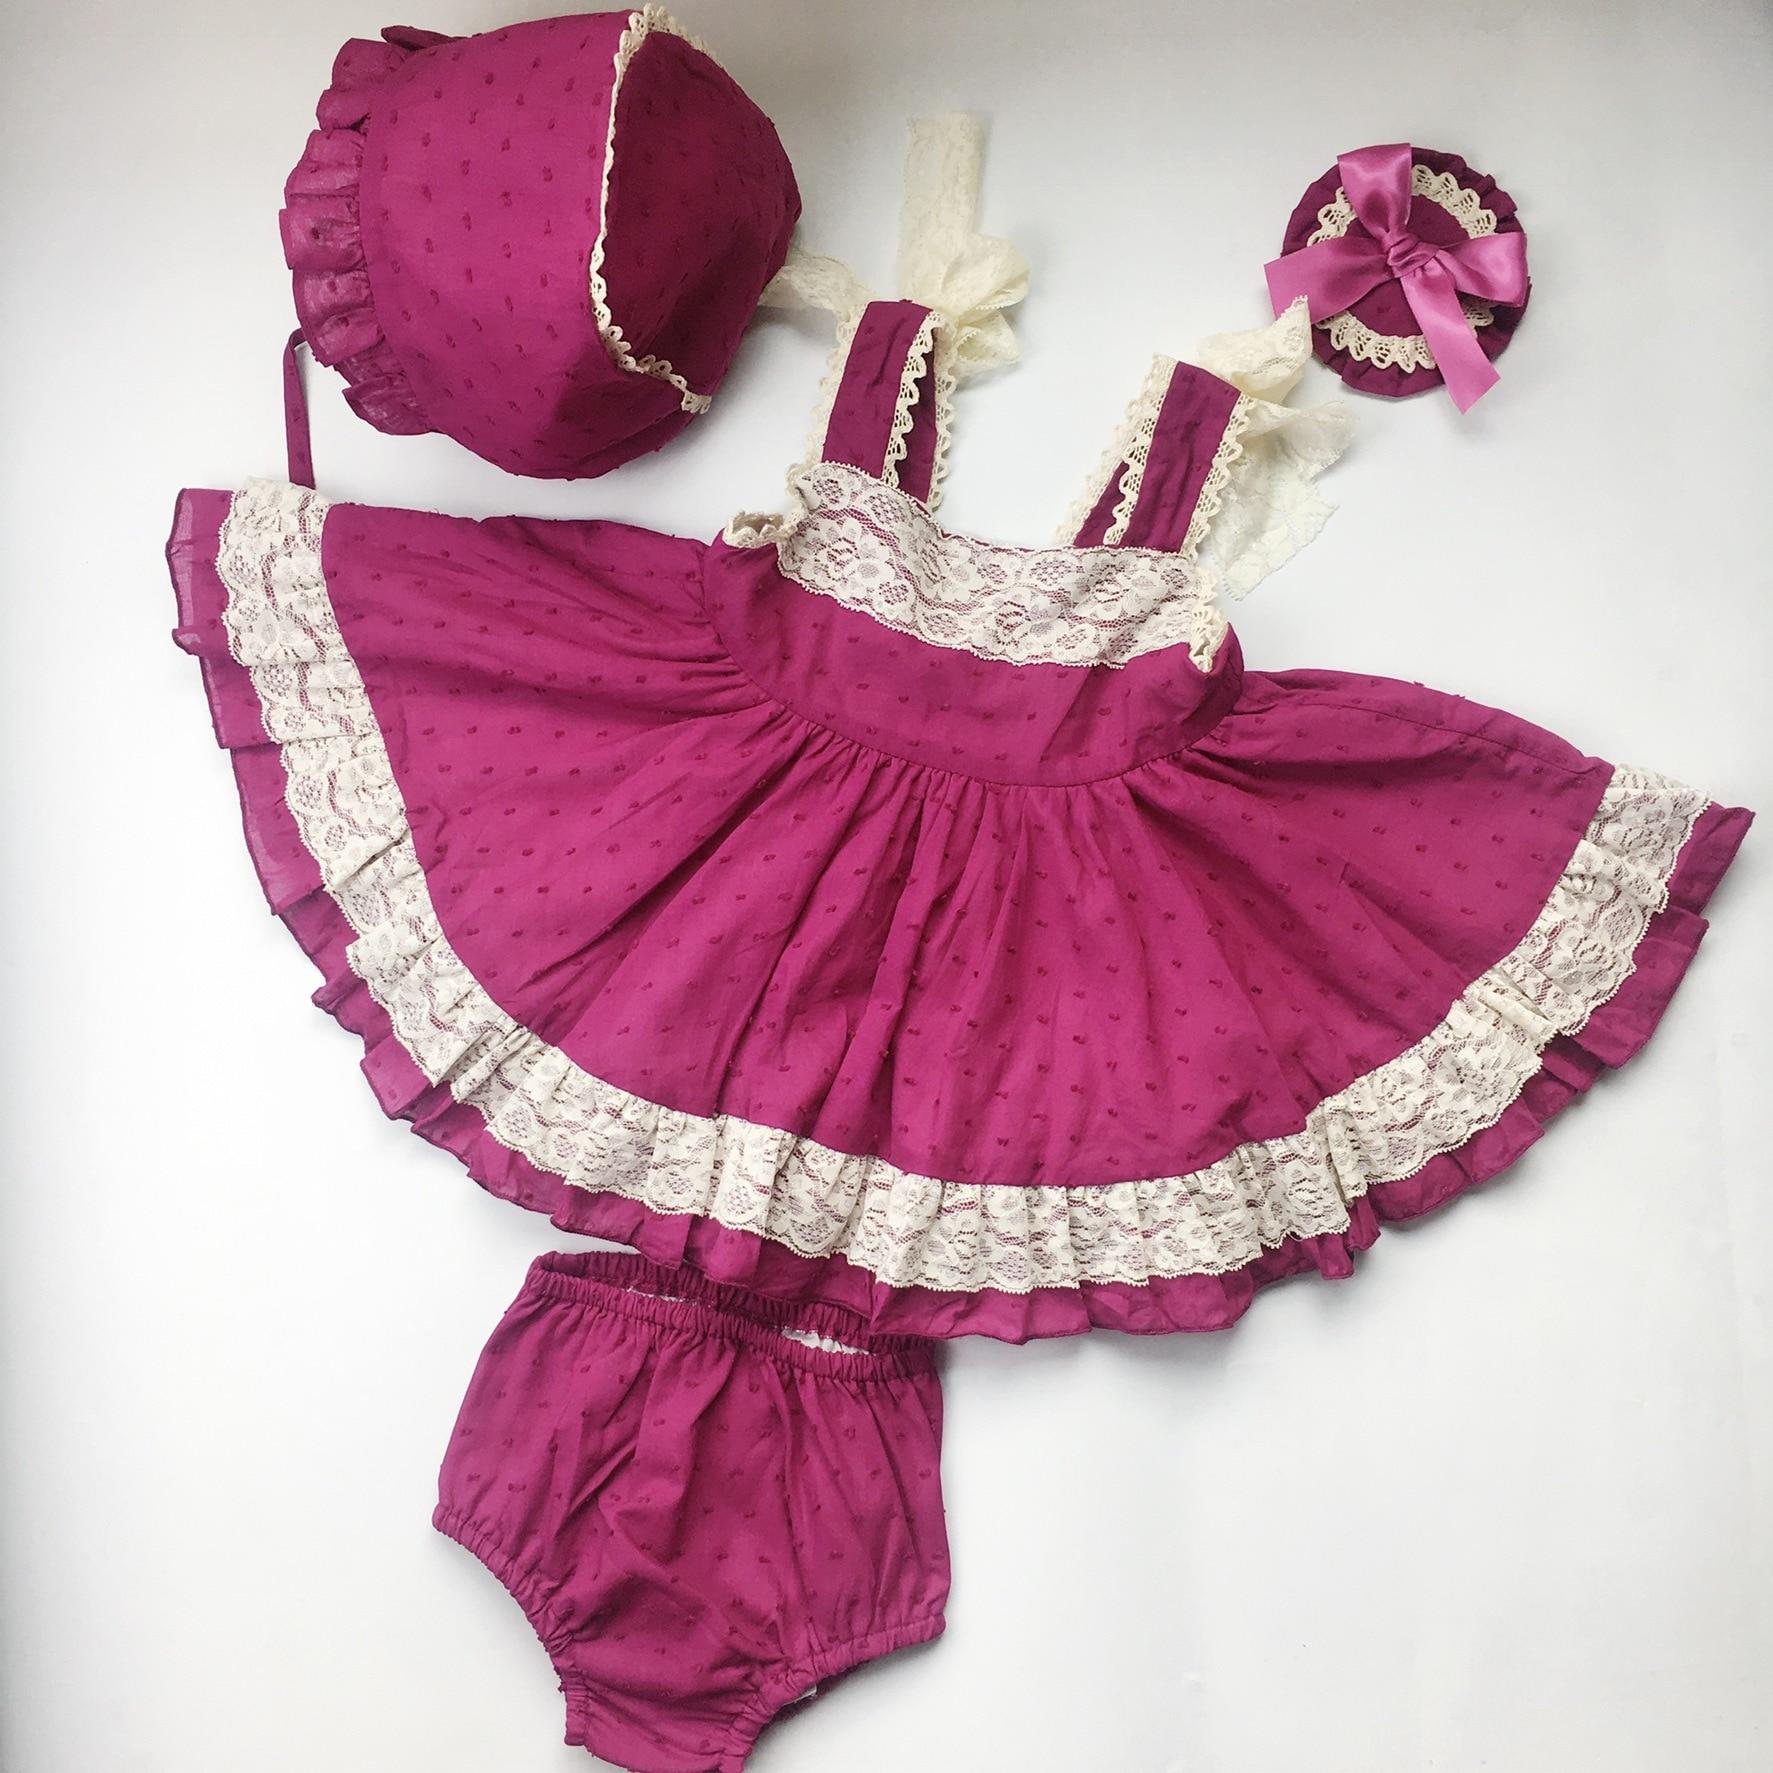 2019 bébé baptême robes filles 1st anniversaire princesse dentelle robe infantile Boutique vêtements enfants espagnol princesse baptême robe